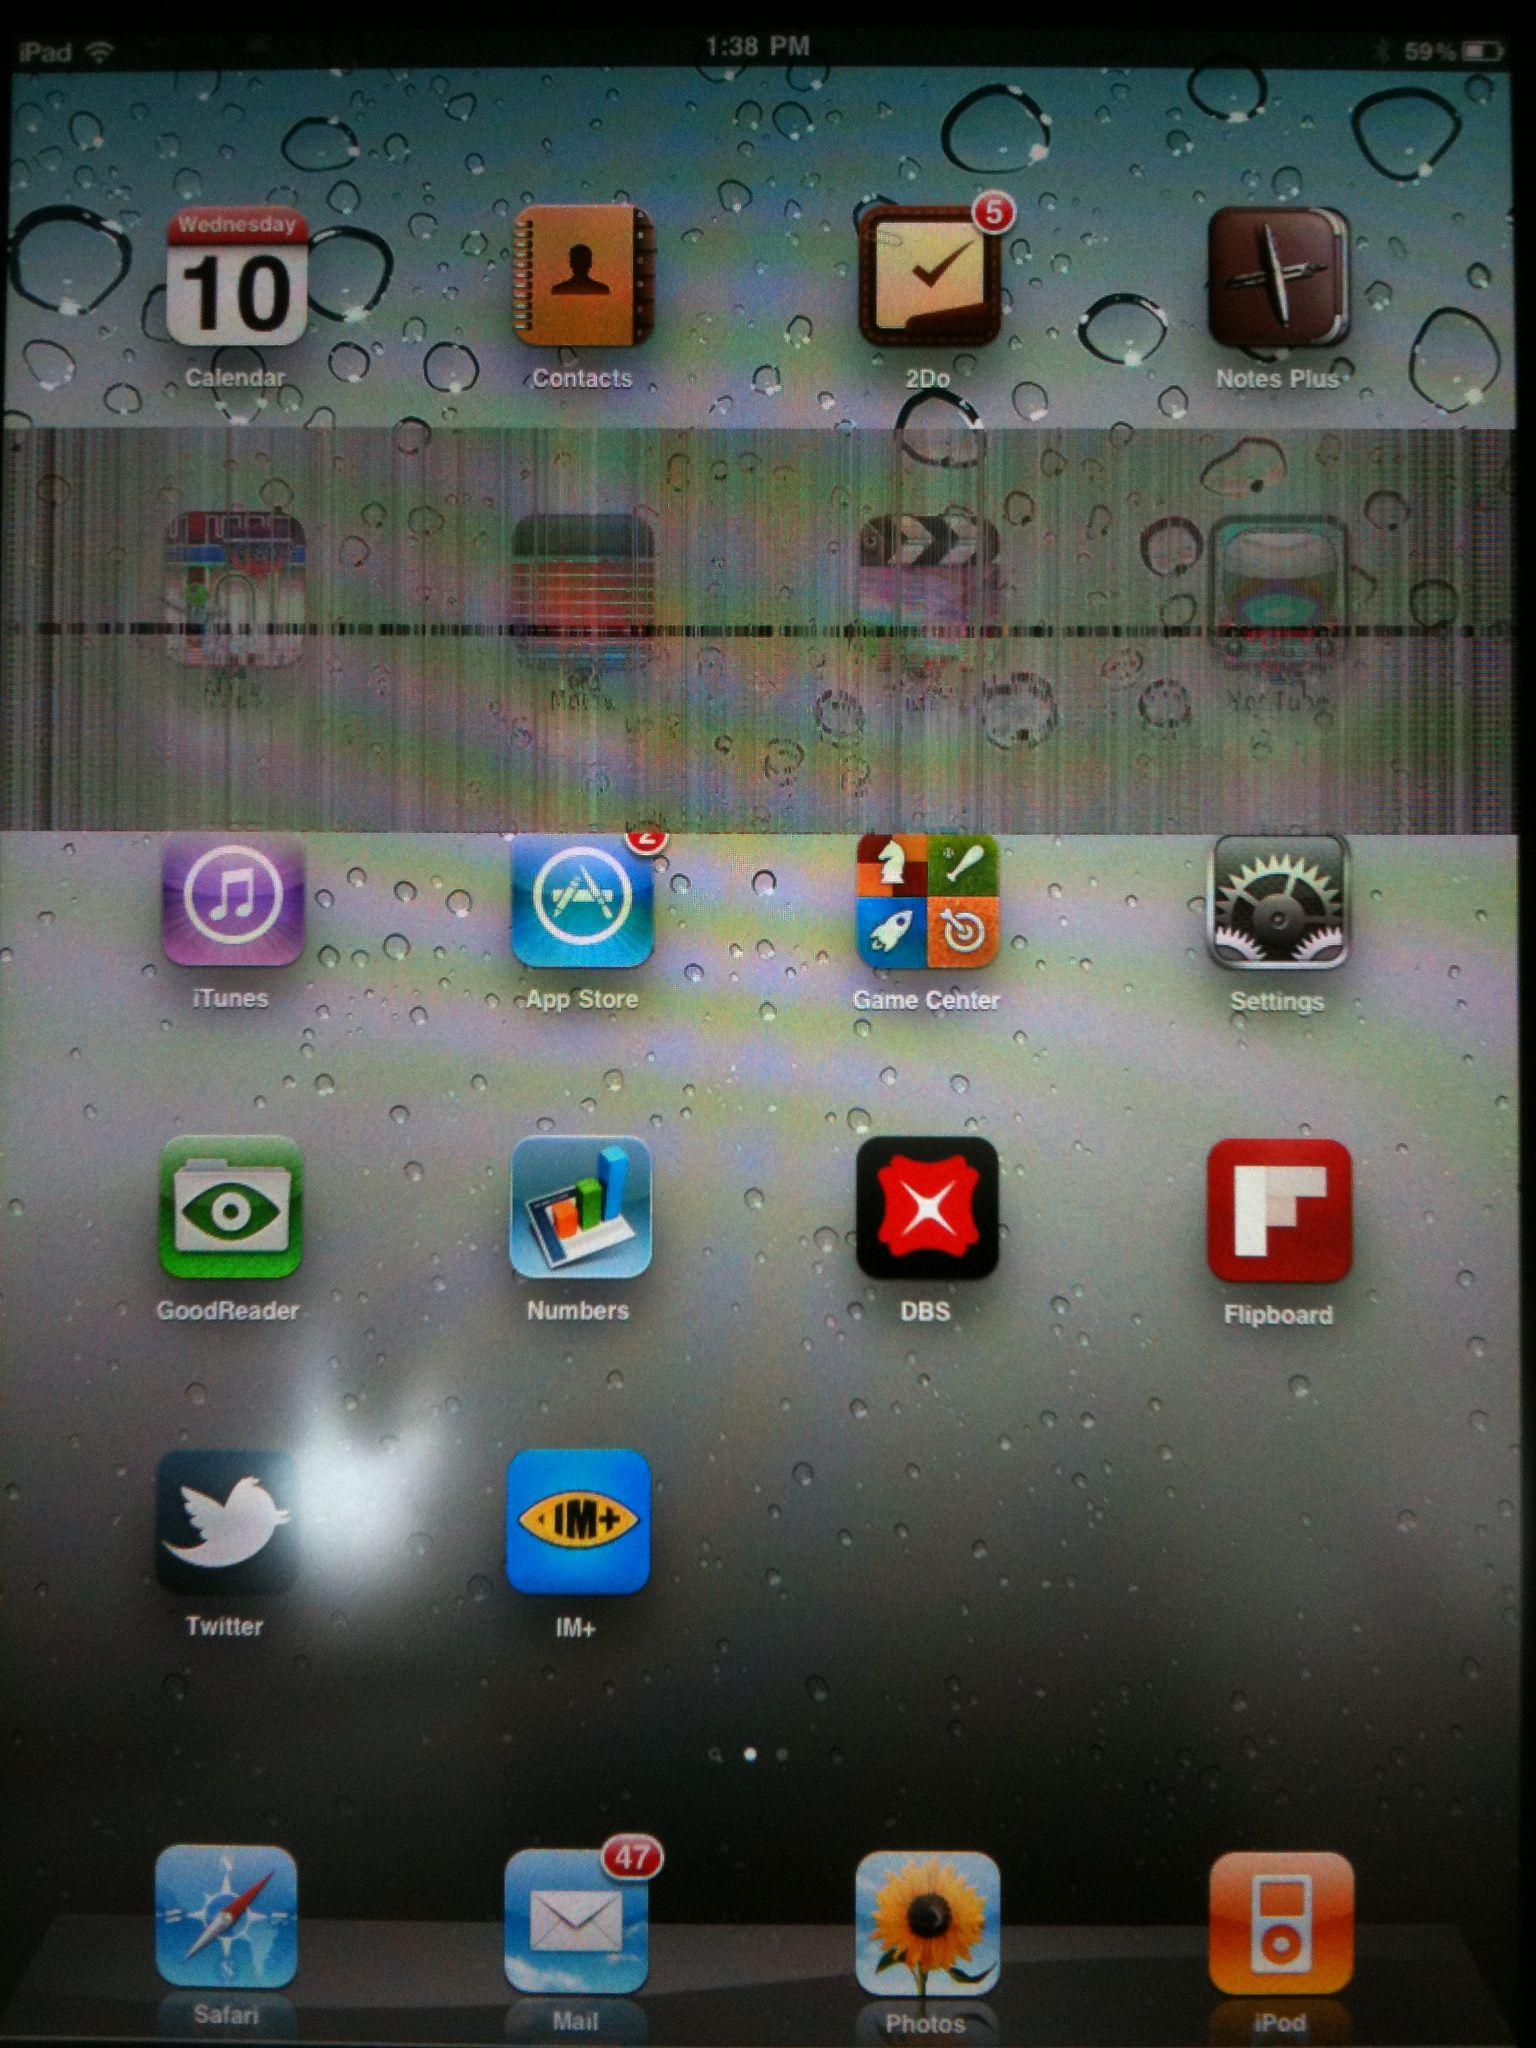 Ipad1 Screen Problem  Weird horizontal strip patch  | Apple